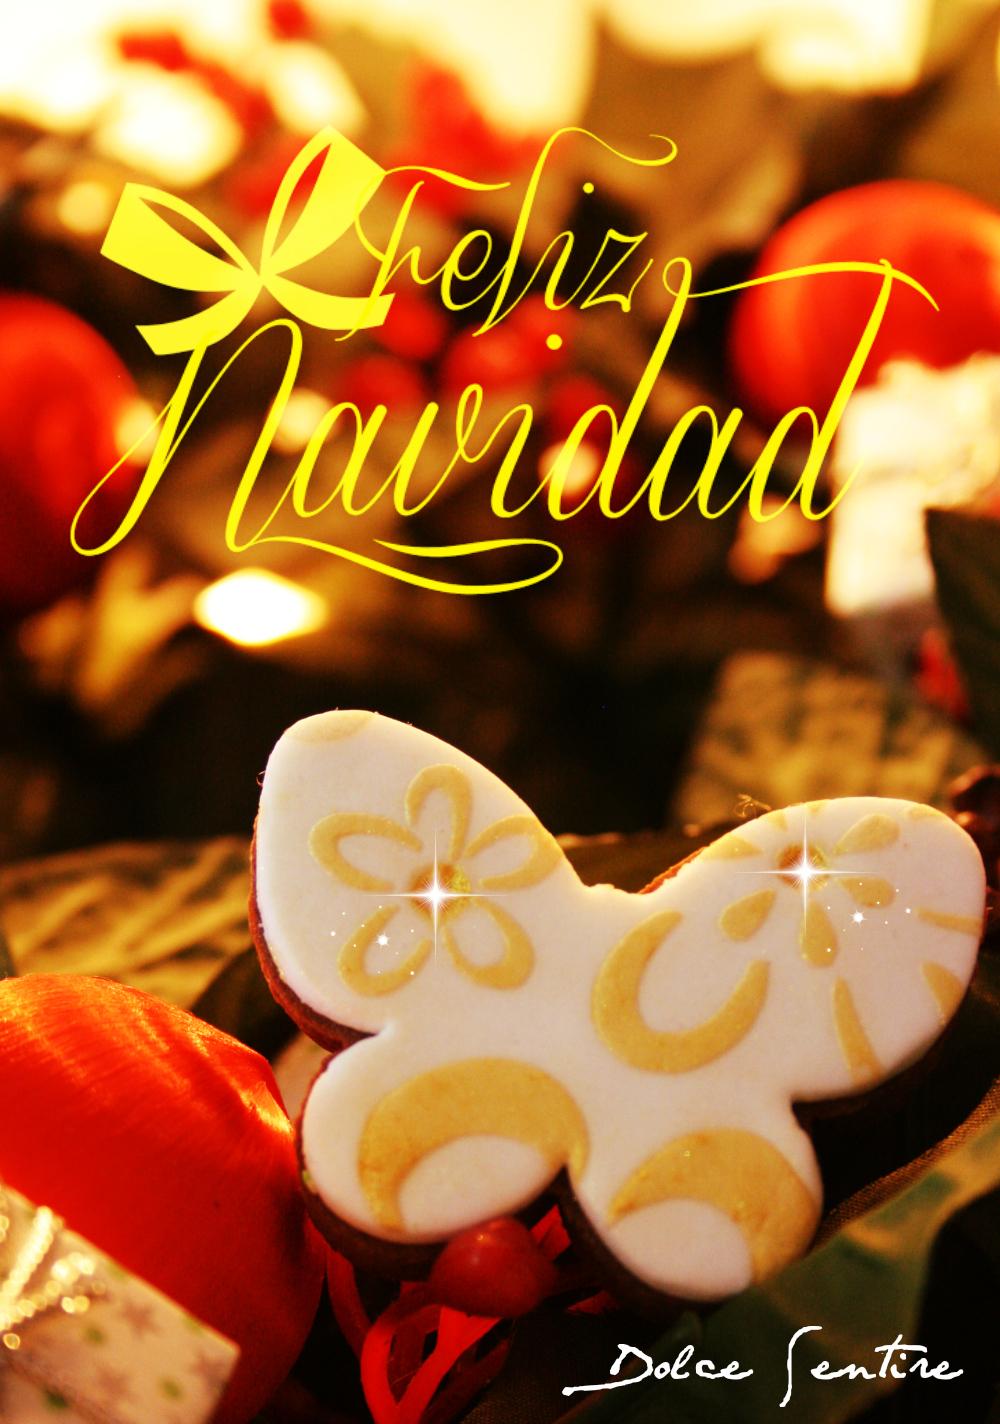 galletas de ¡Feliz Navidad!